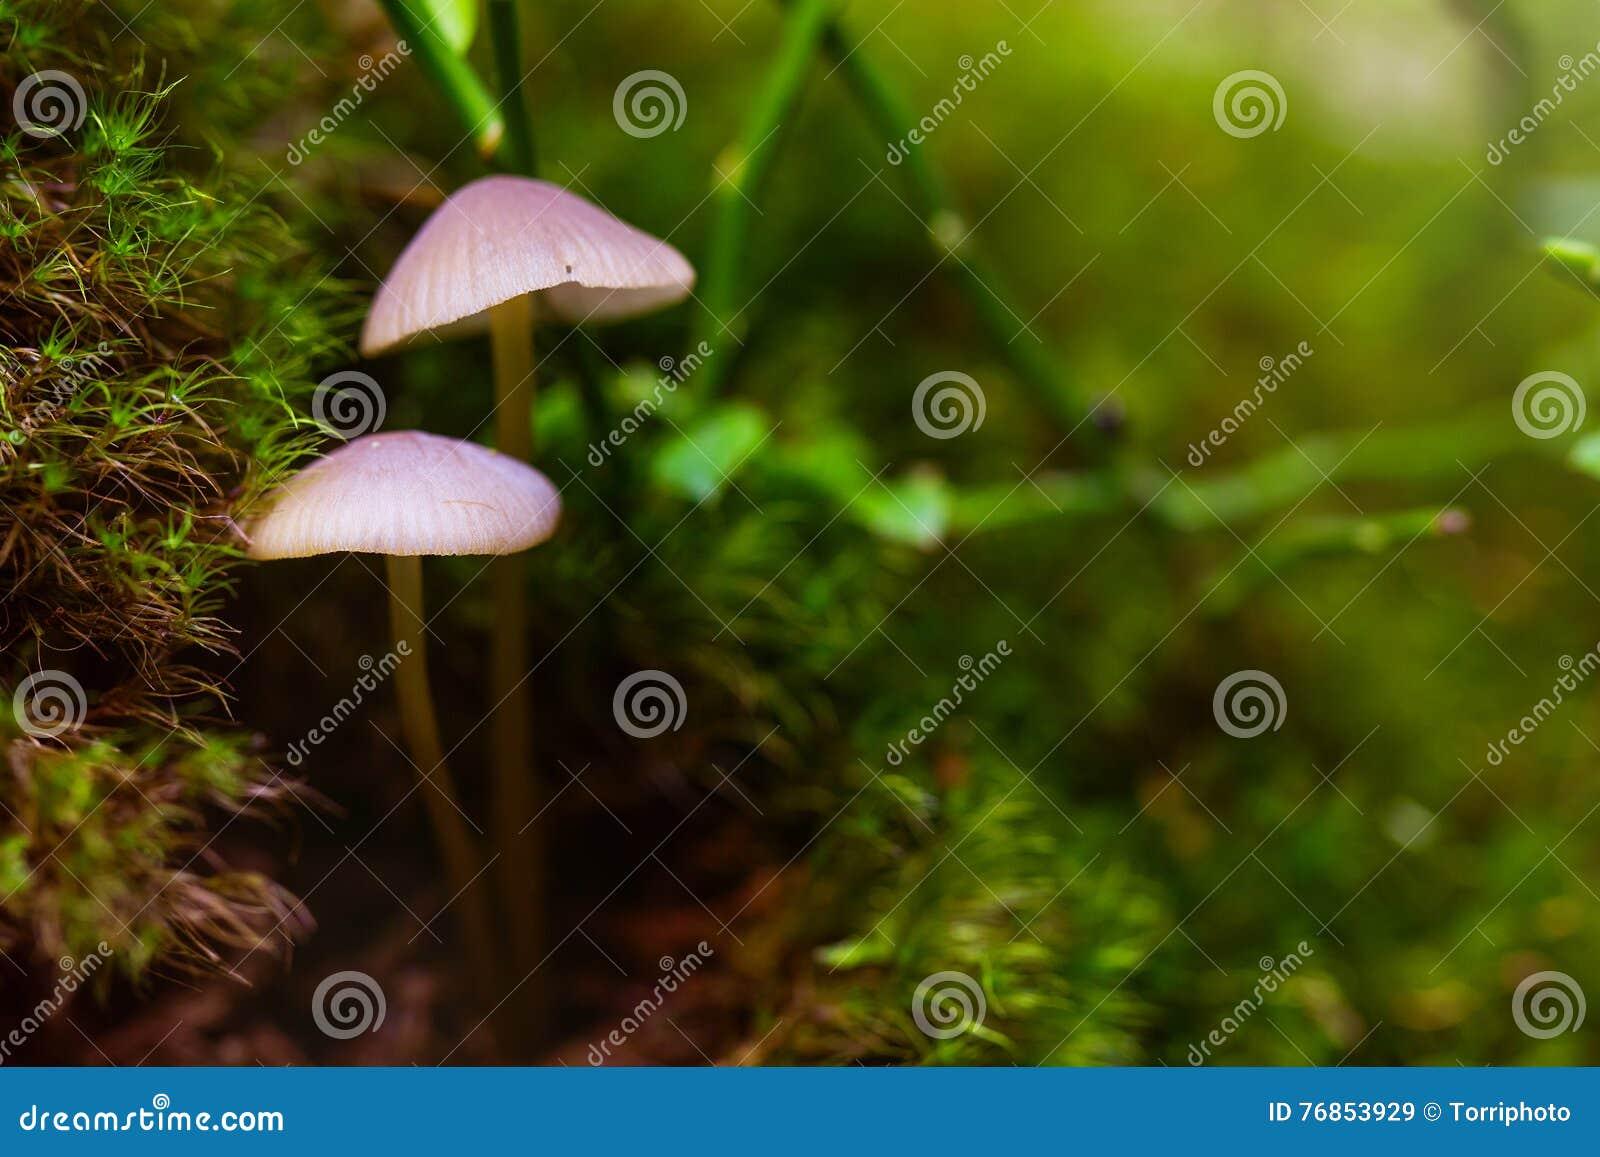 Zbliżenie grzyb w zielonym mech